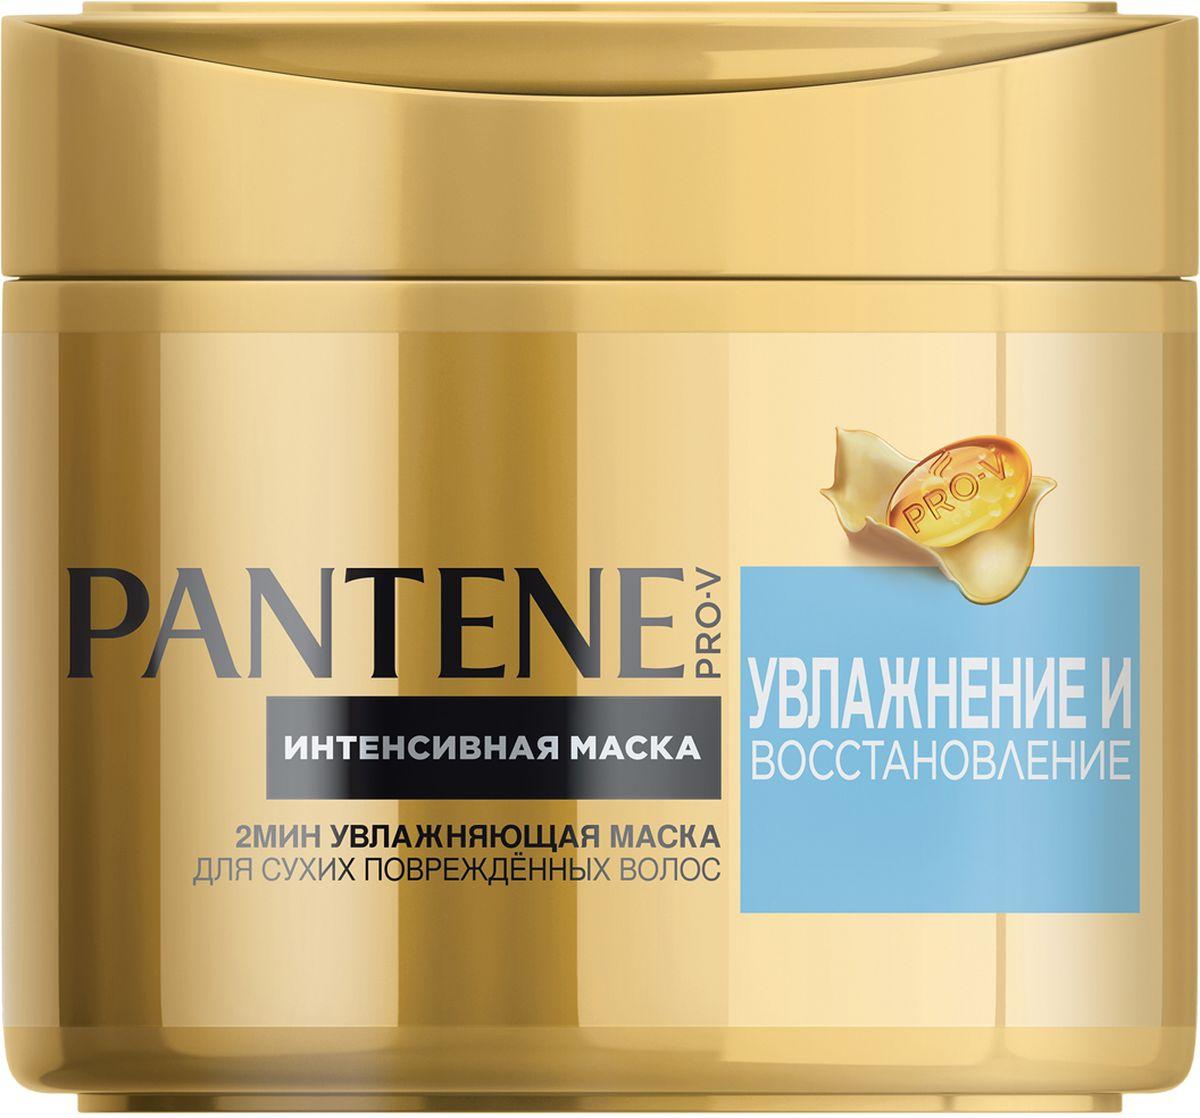 Pantene Pro-V Маска Увлажнение и восстановление, 300 мл lakonika bio укрепляющая маска для волос интенсивное увлажнение для сухих волос 300 мл